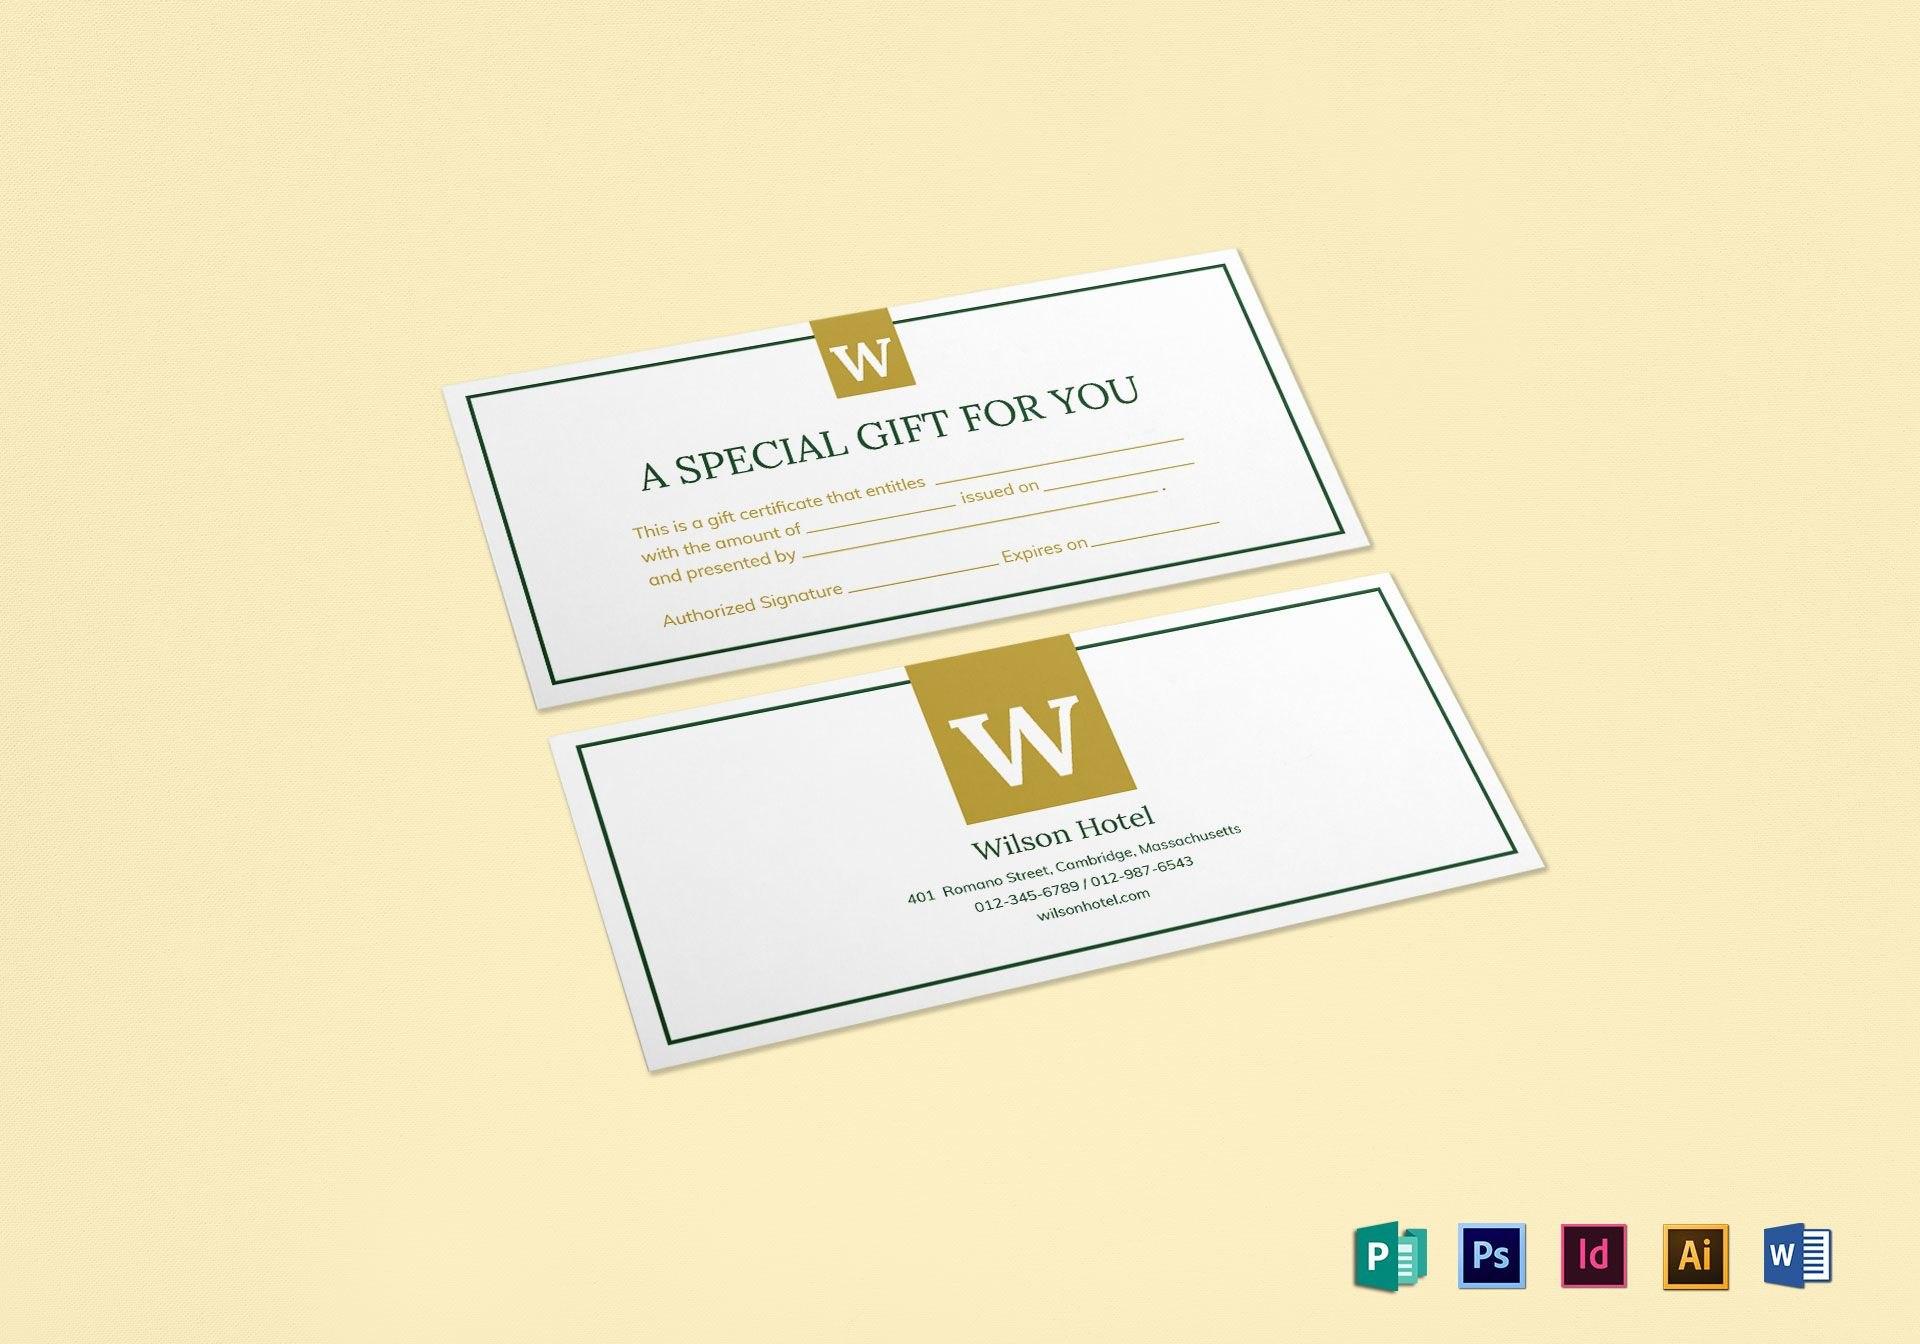 Hotel Gift Certificate Design Template In Psd Word Publisher Inside Gift Certificate Template Indesign